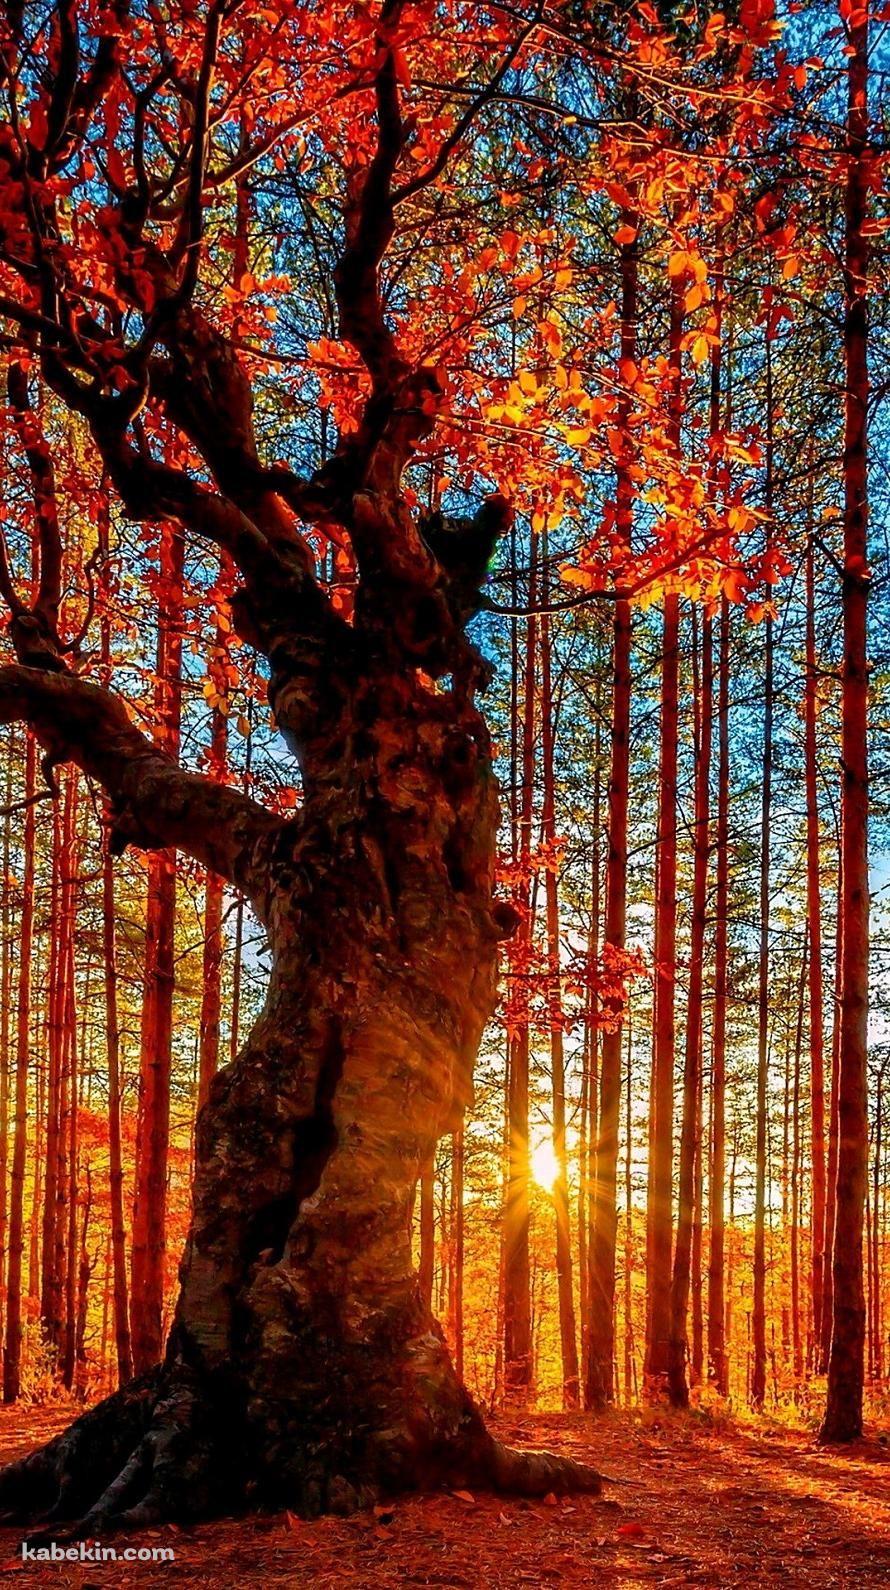 光射す秋の森のiphone壁紙 秋 壁紙 紅葉 景色 風景の絵